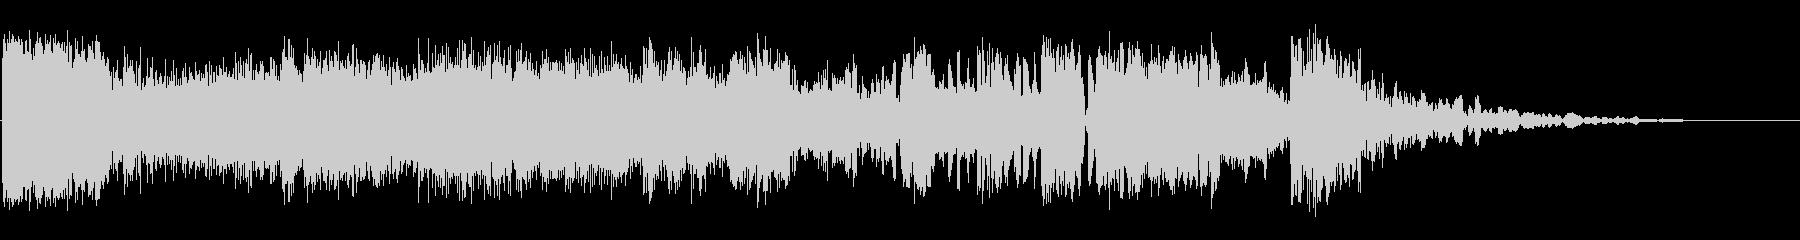 異様なの未再生の波形